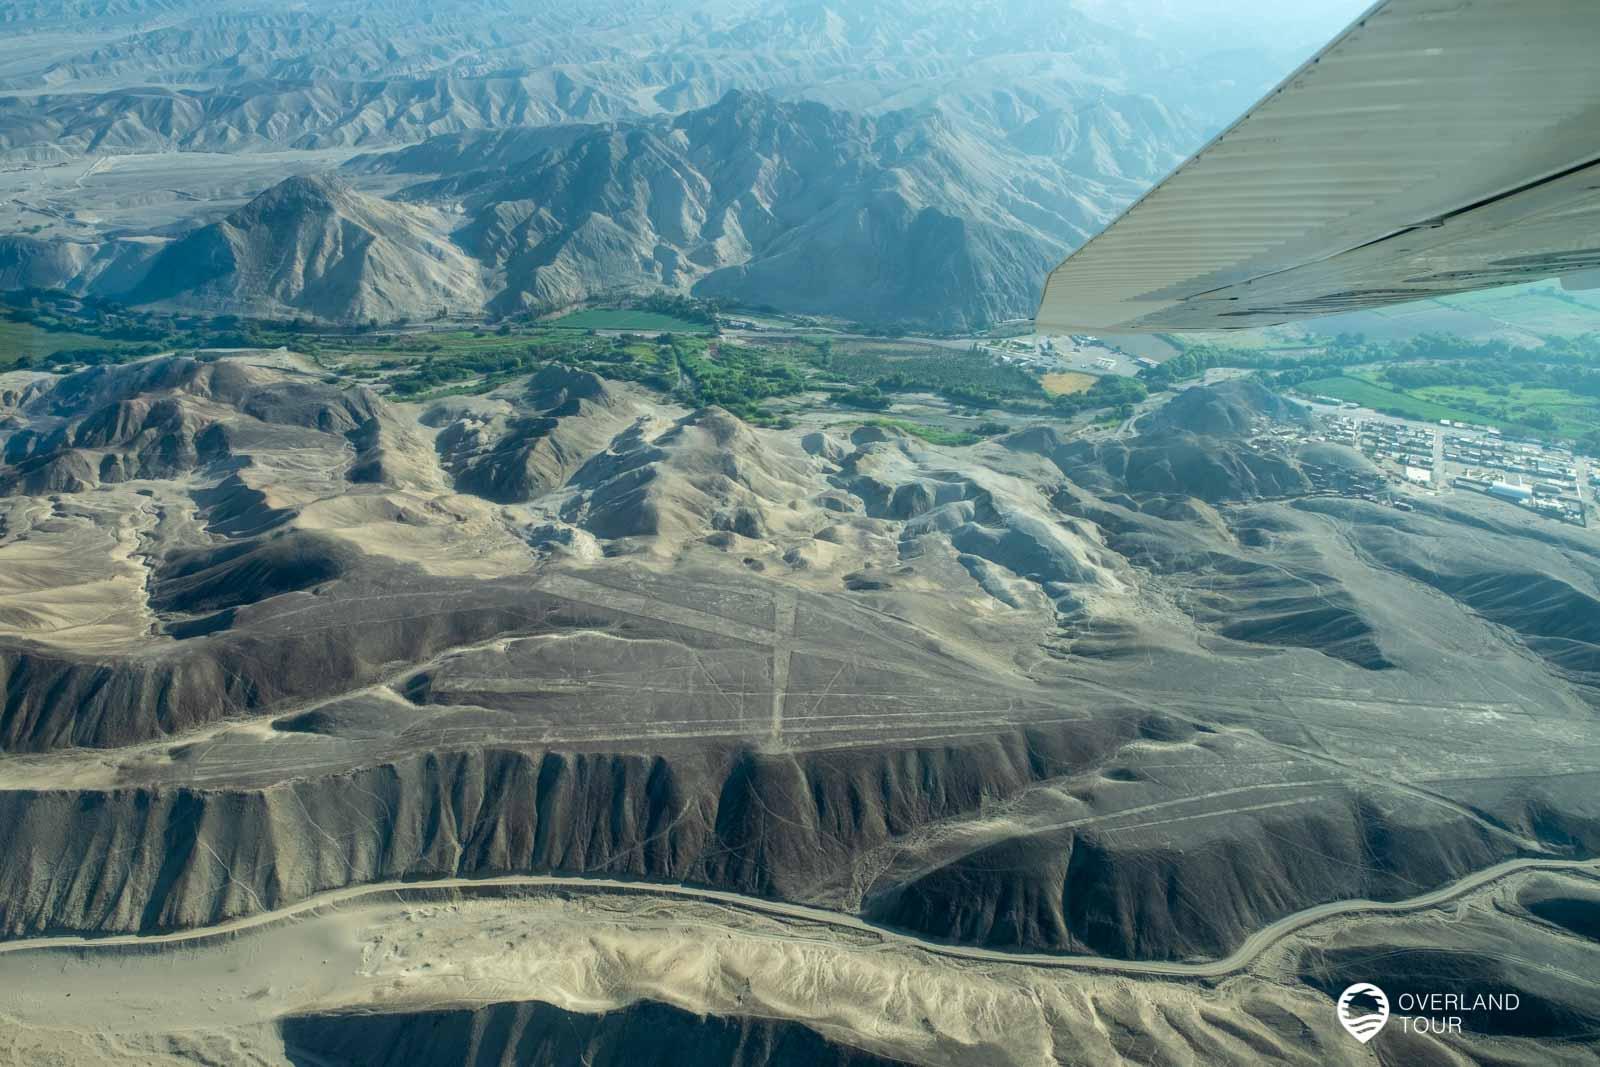 Nazcar-Linien Rundflug - Peru